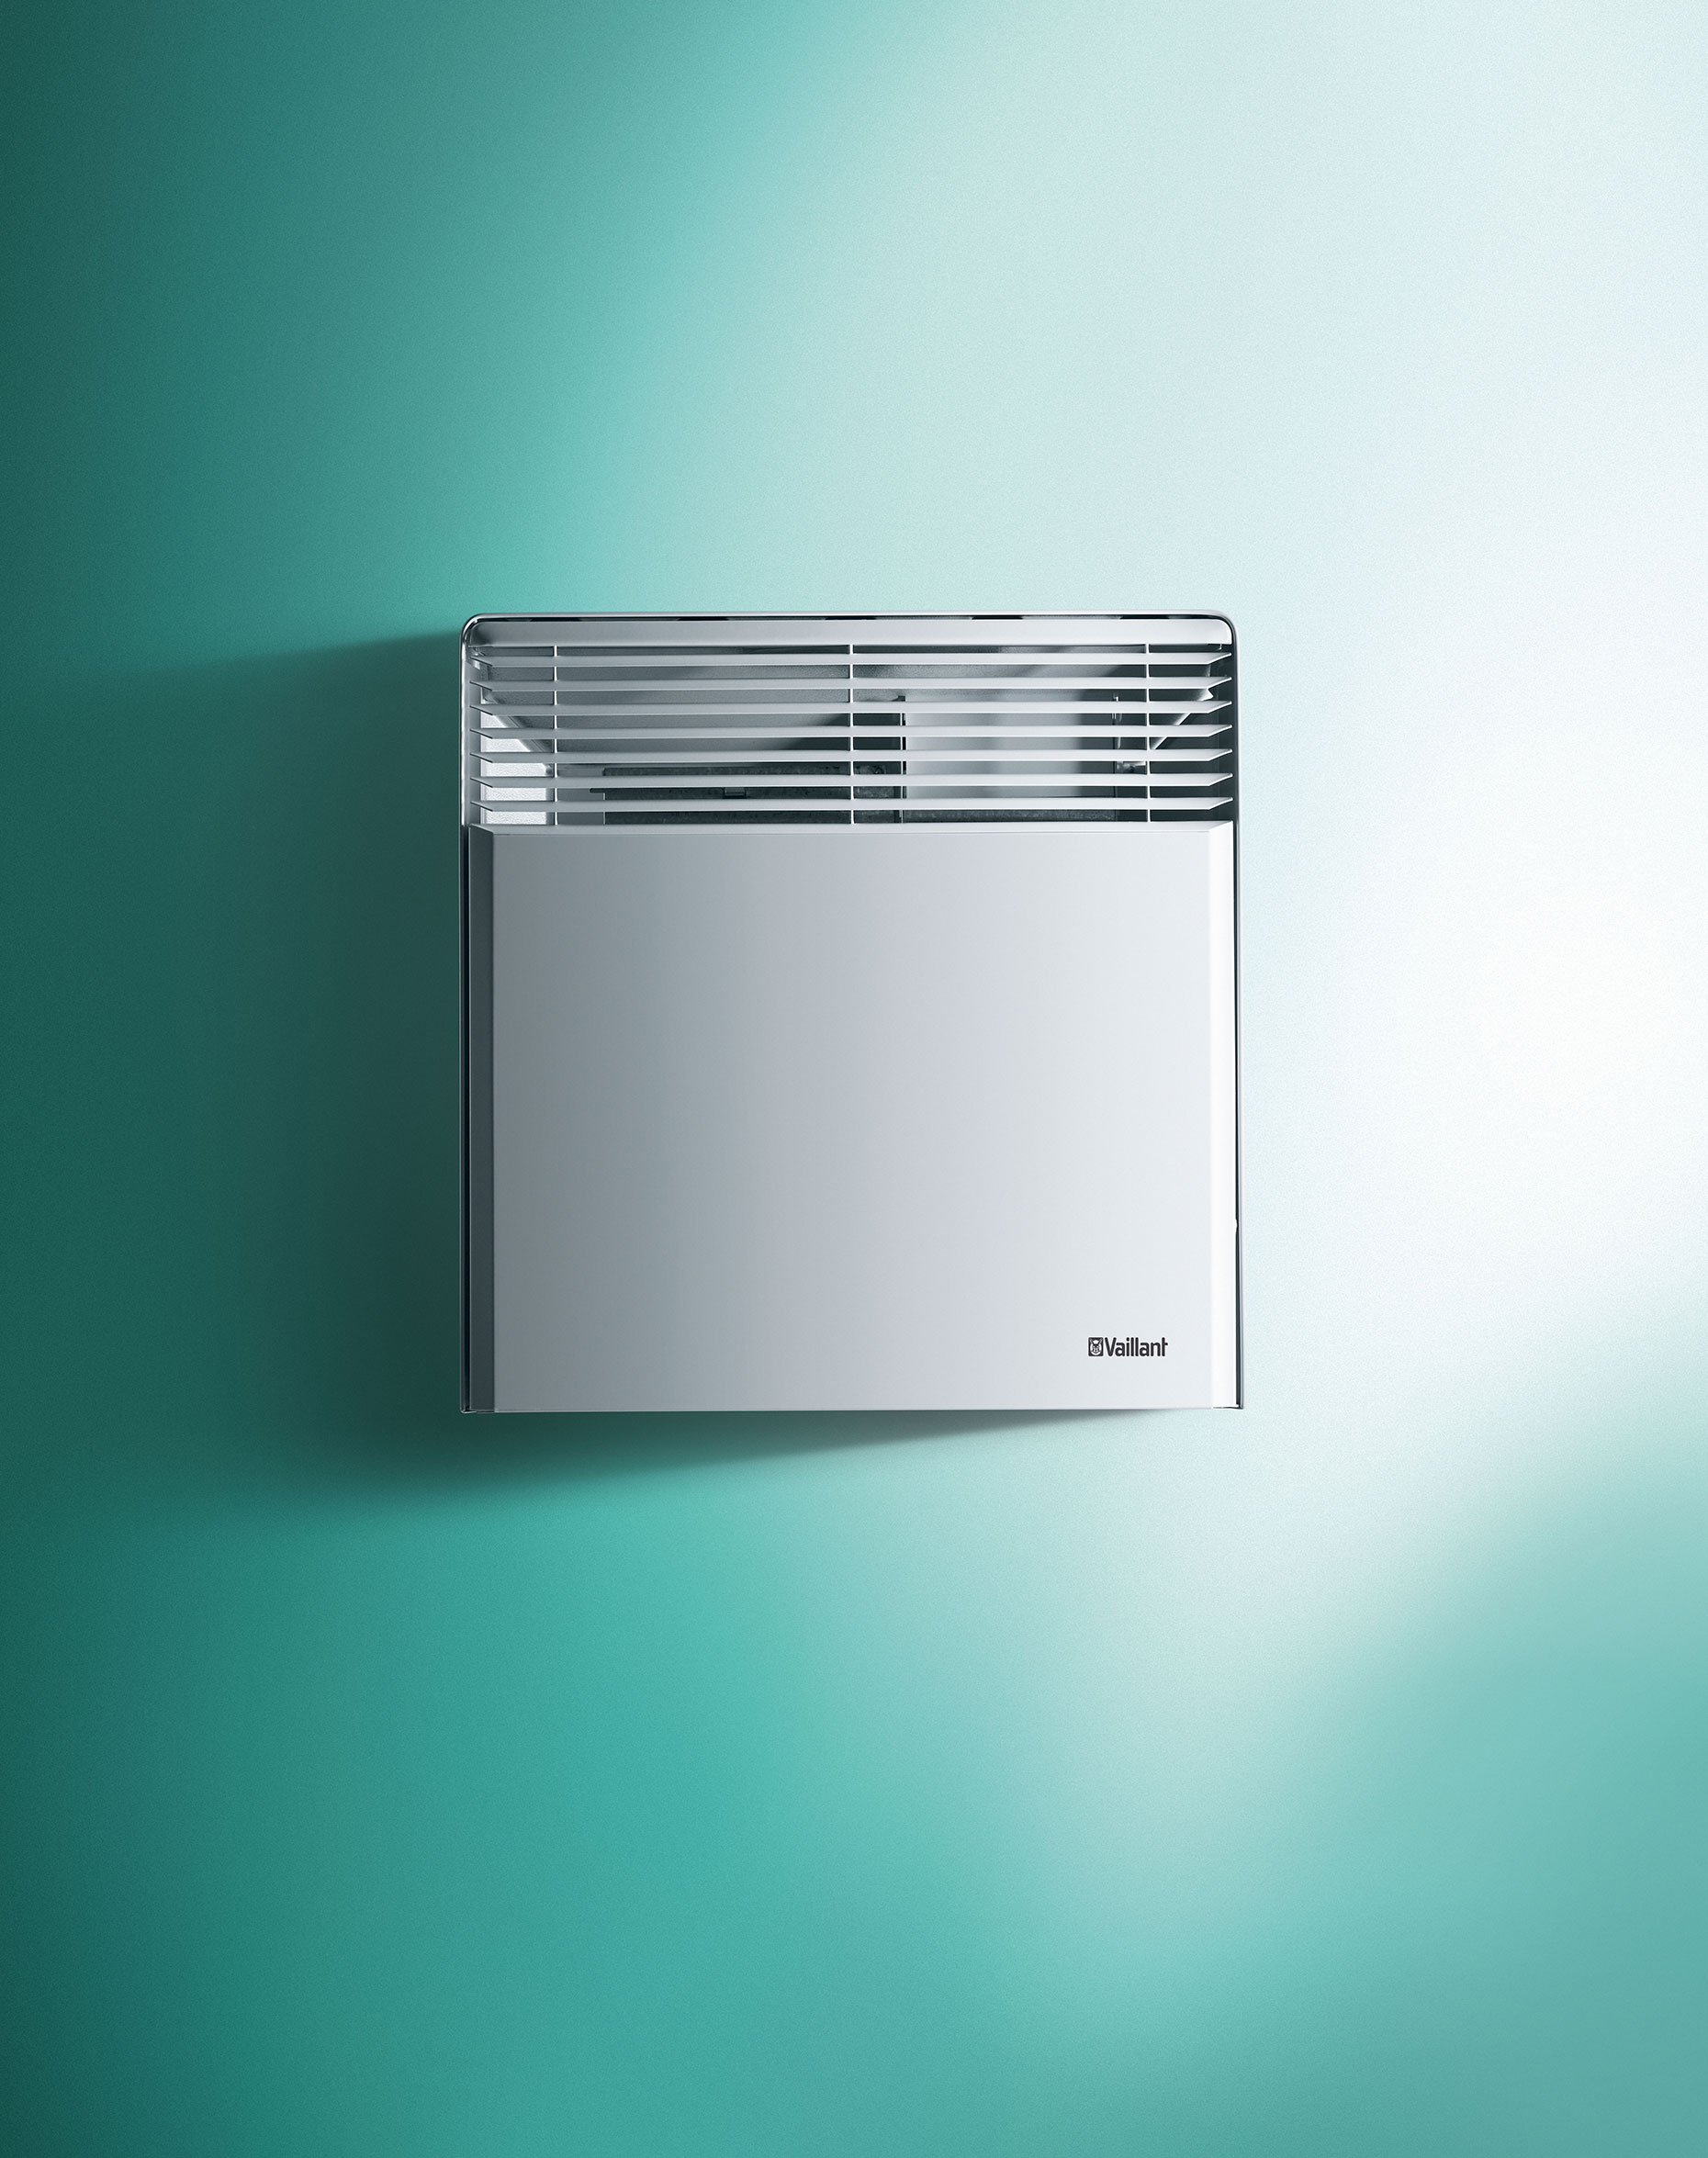 Elektro-Durchlauferhitzer Für Warmwasser & Heizung | Vaillant